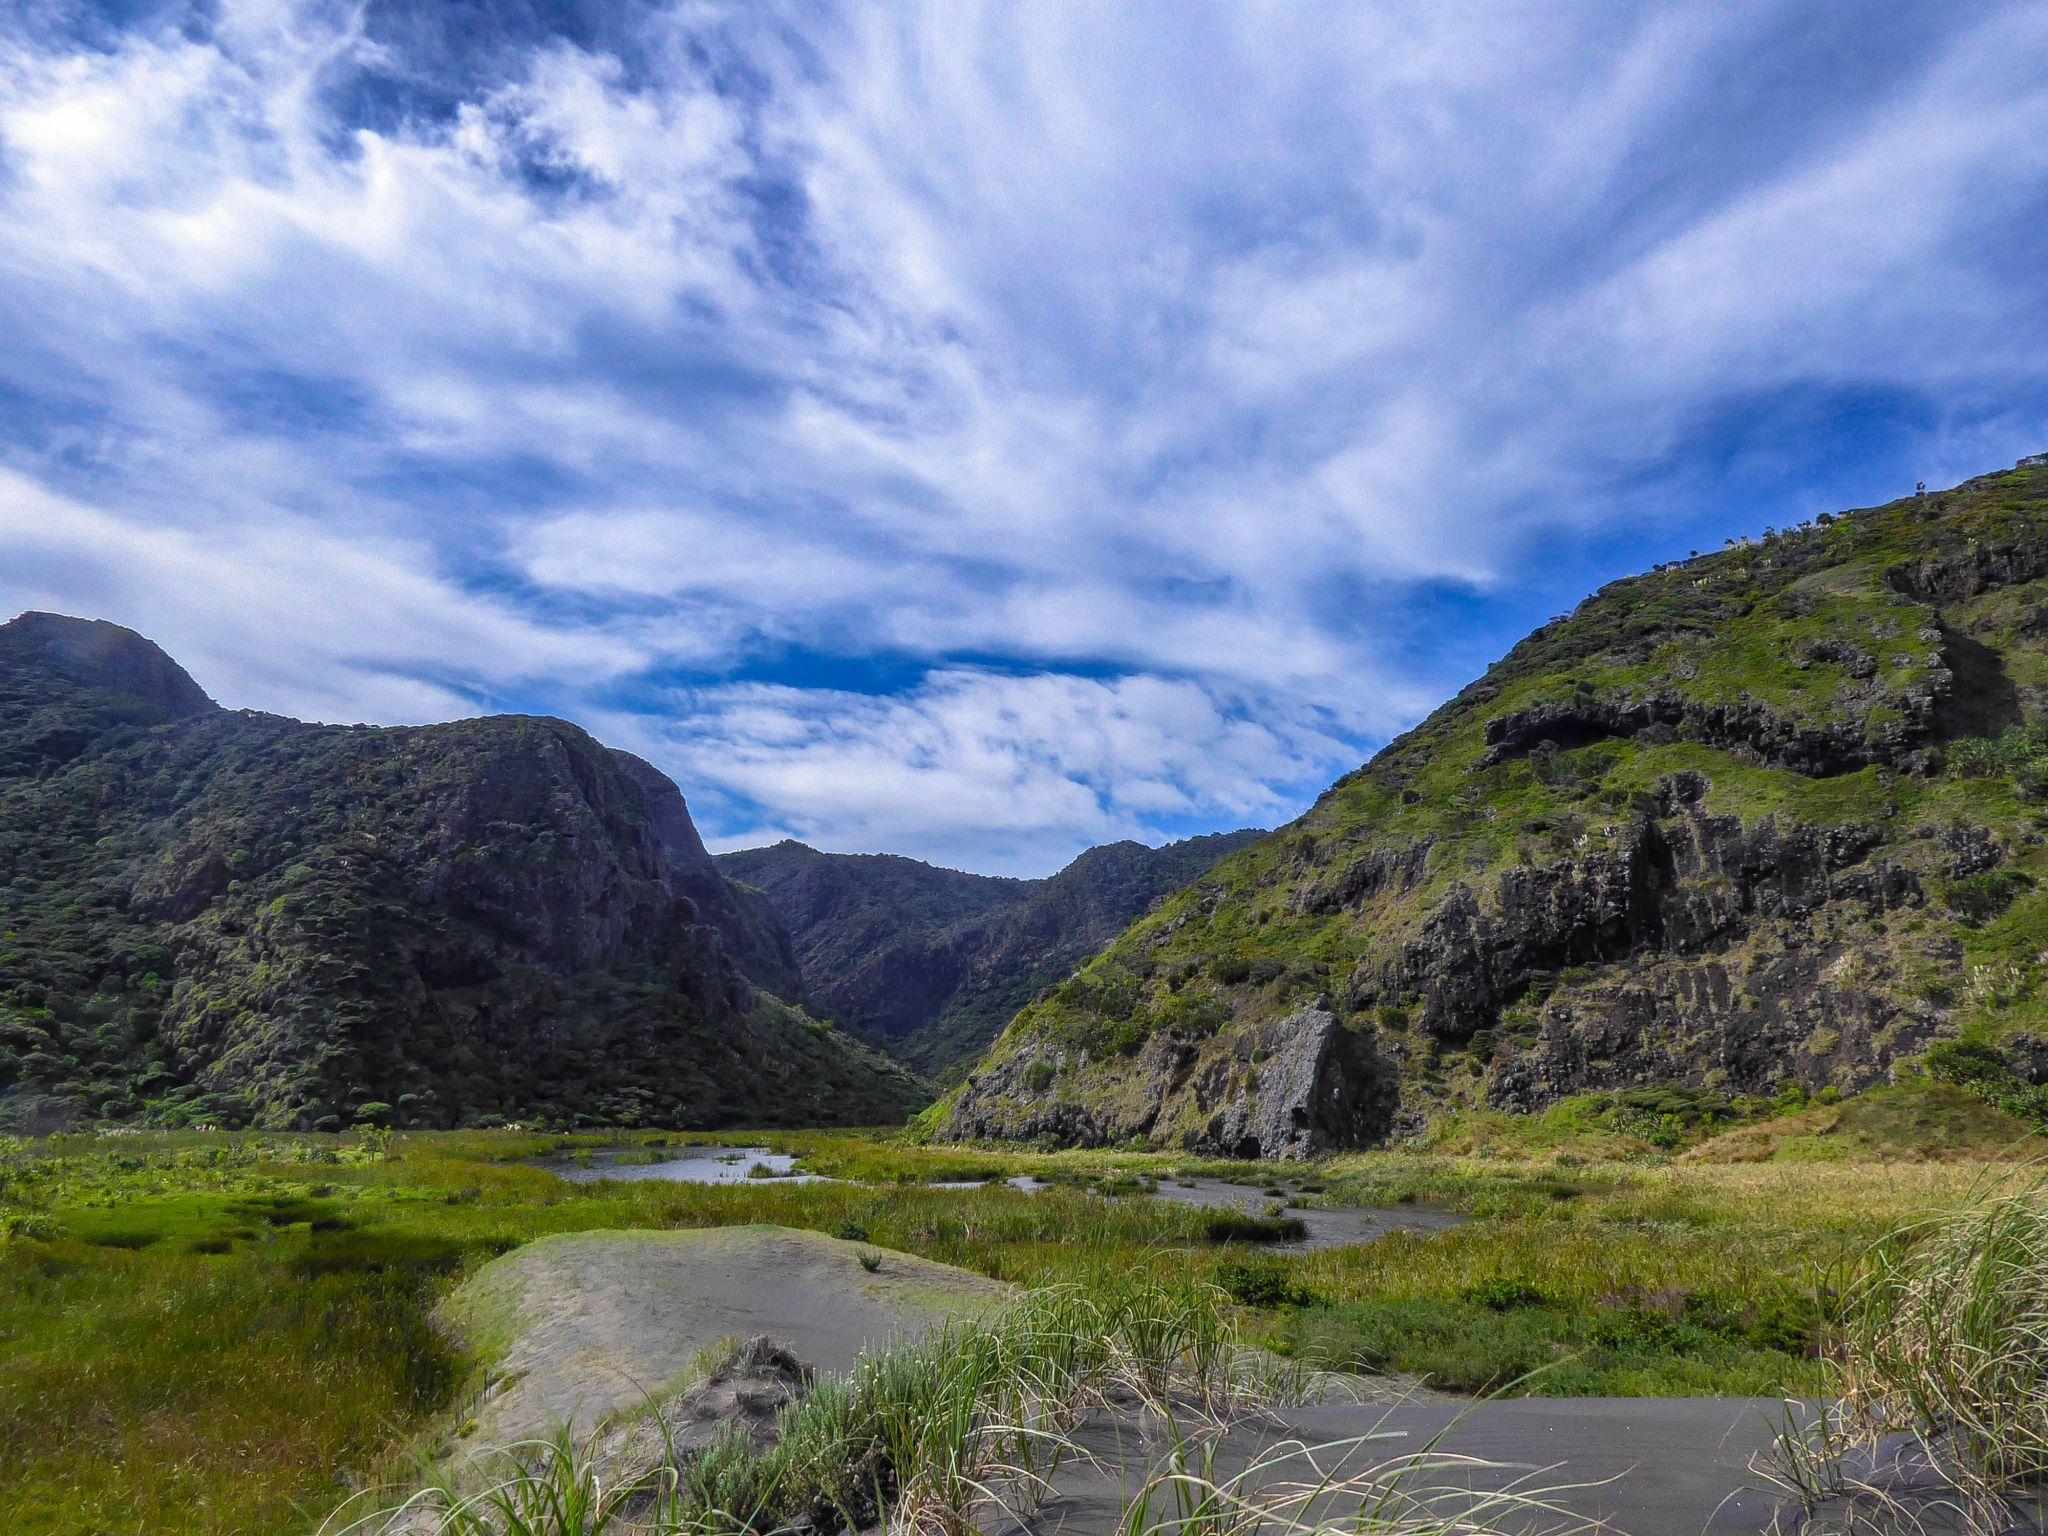 Paraha Valley, New Zealand